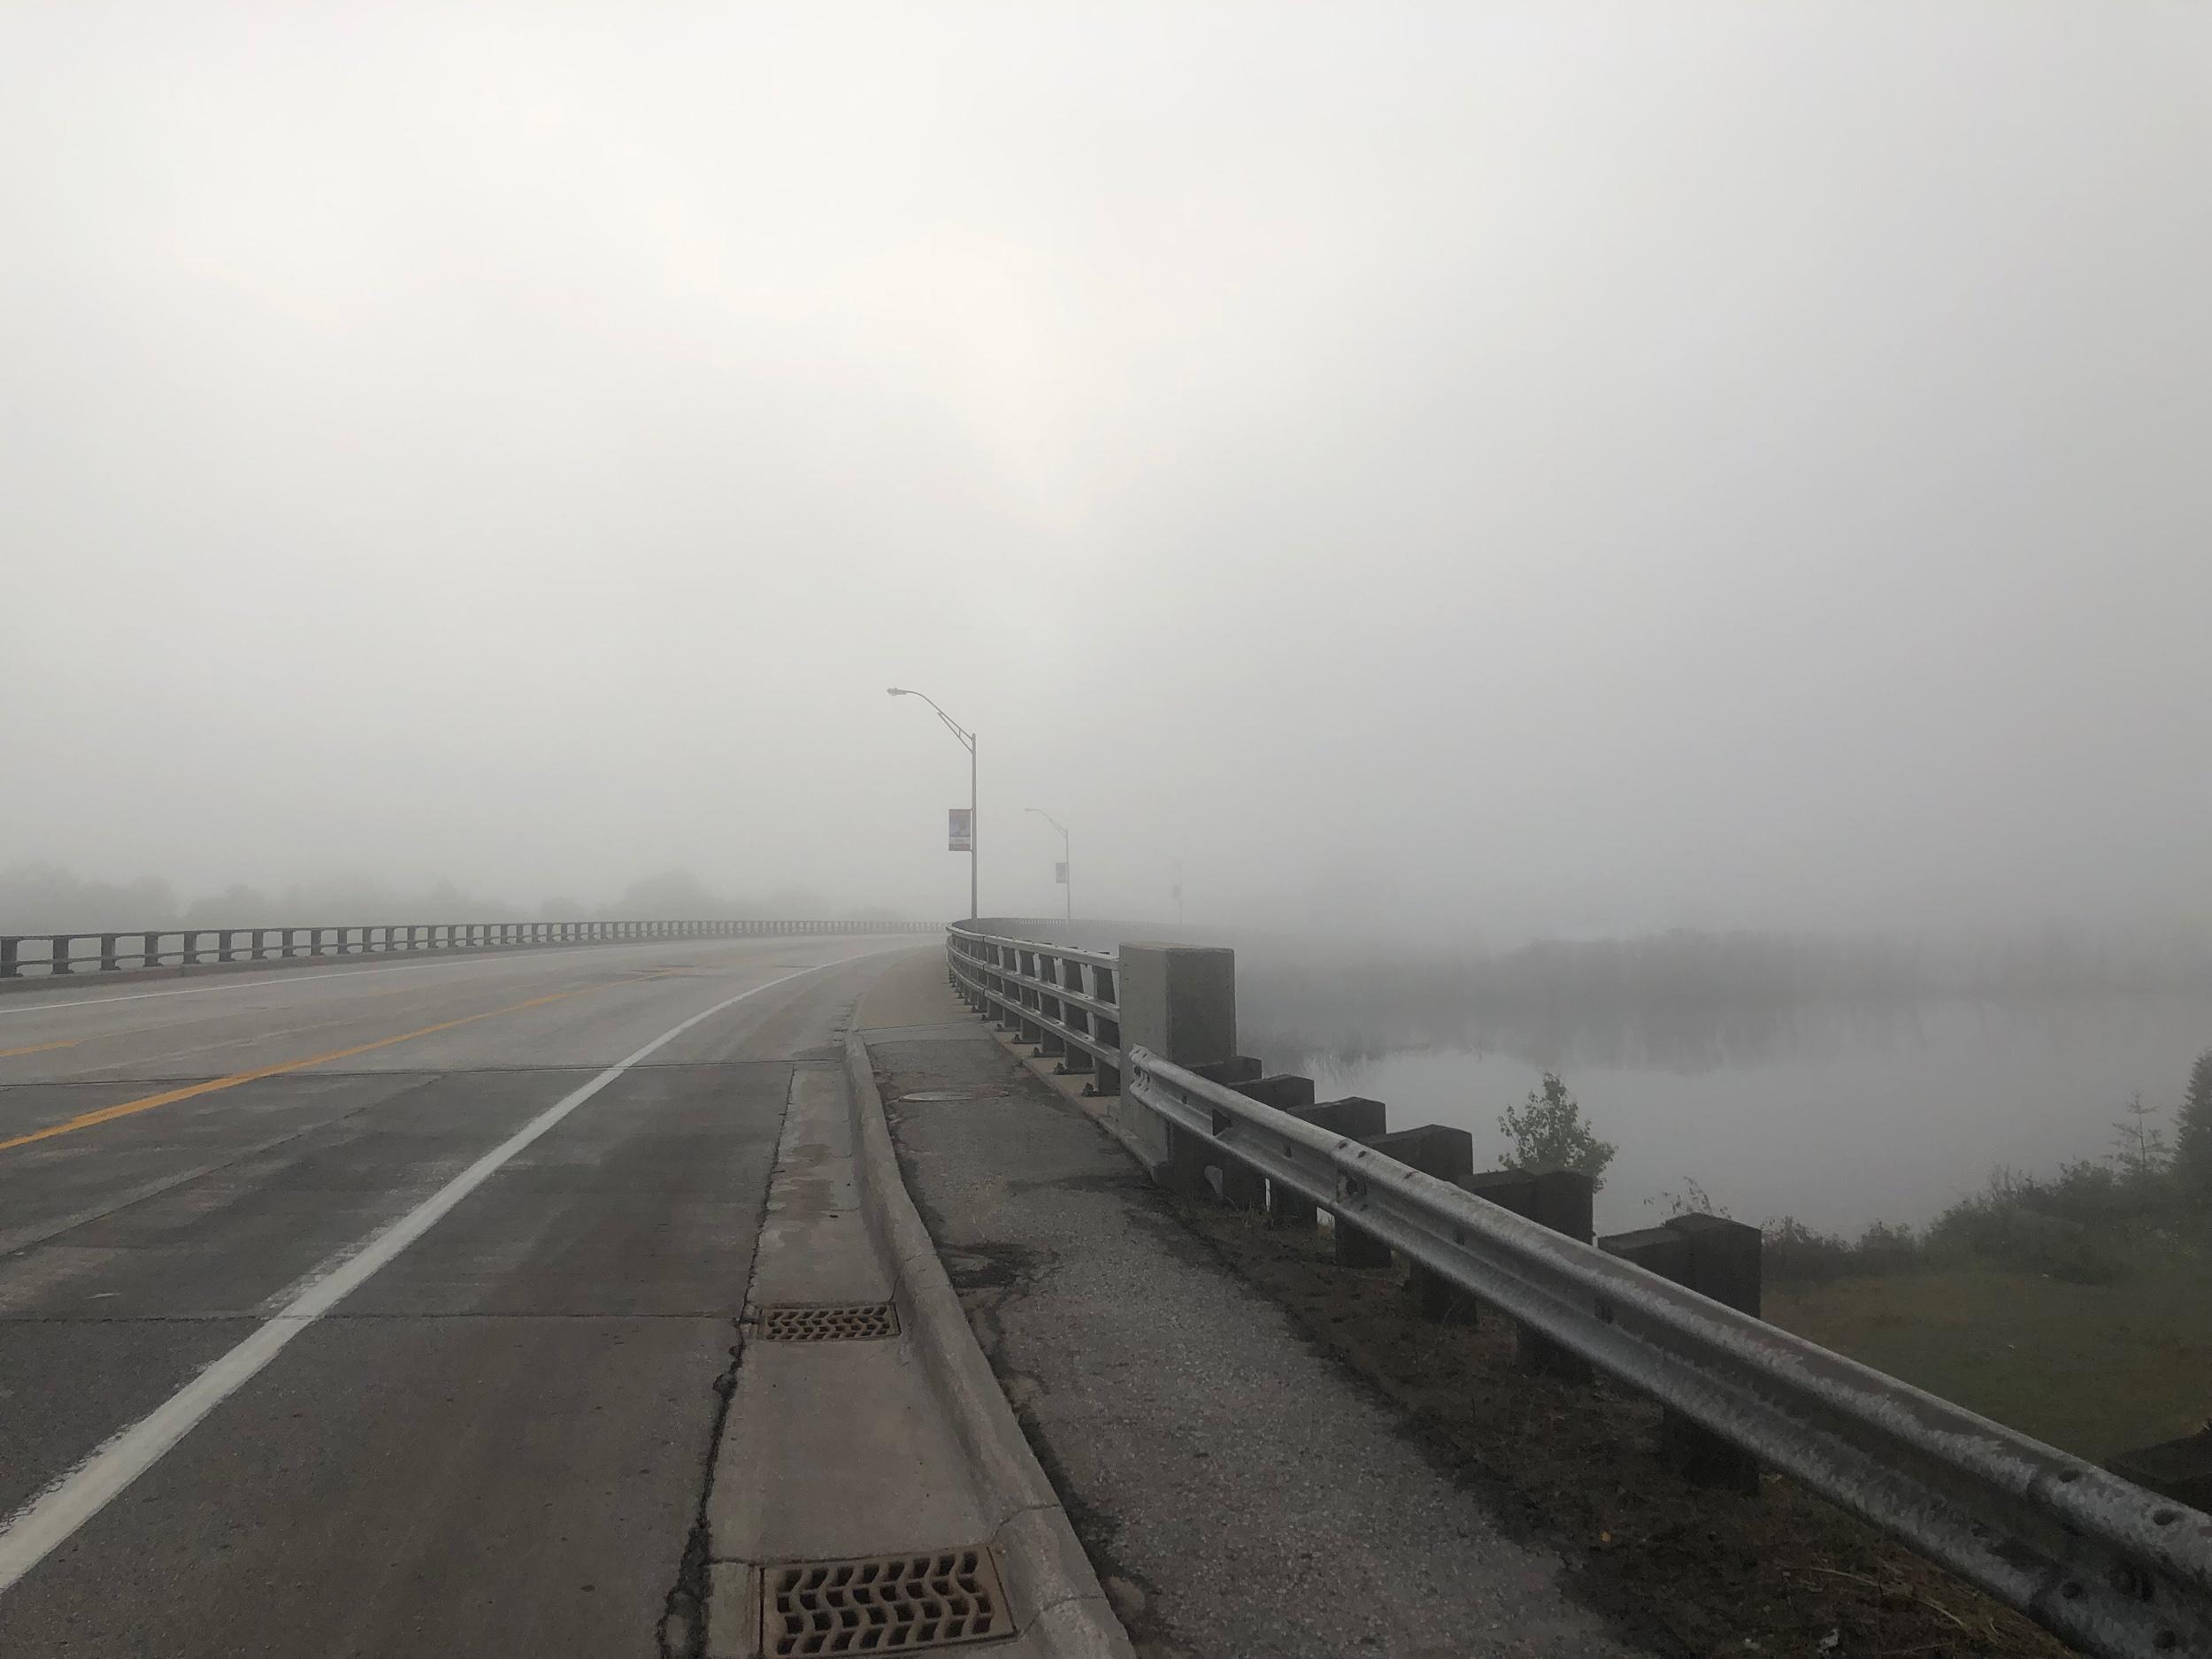 Fog over the Manistique Bridge